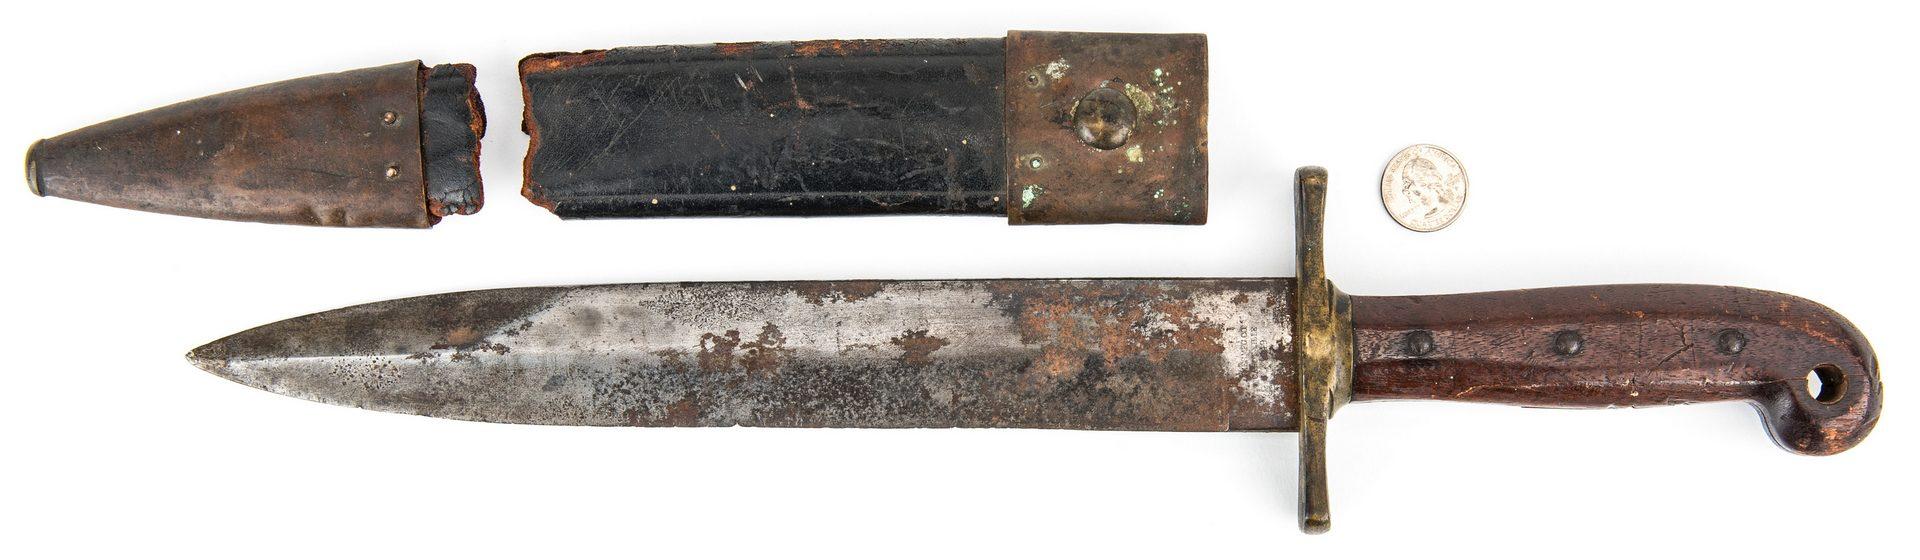 Lot 369: Civil War Ames U.S. Model 1849 Rifleman's Knife